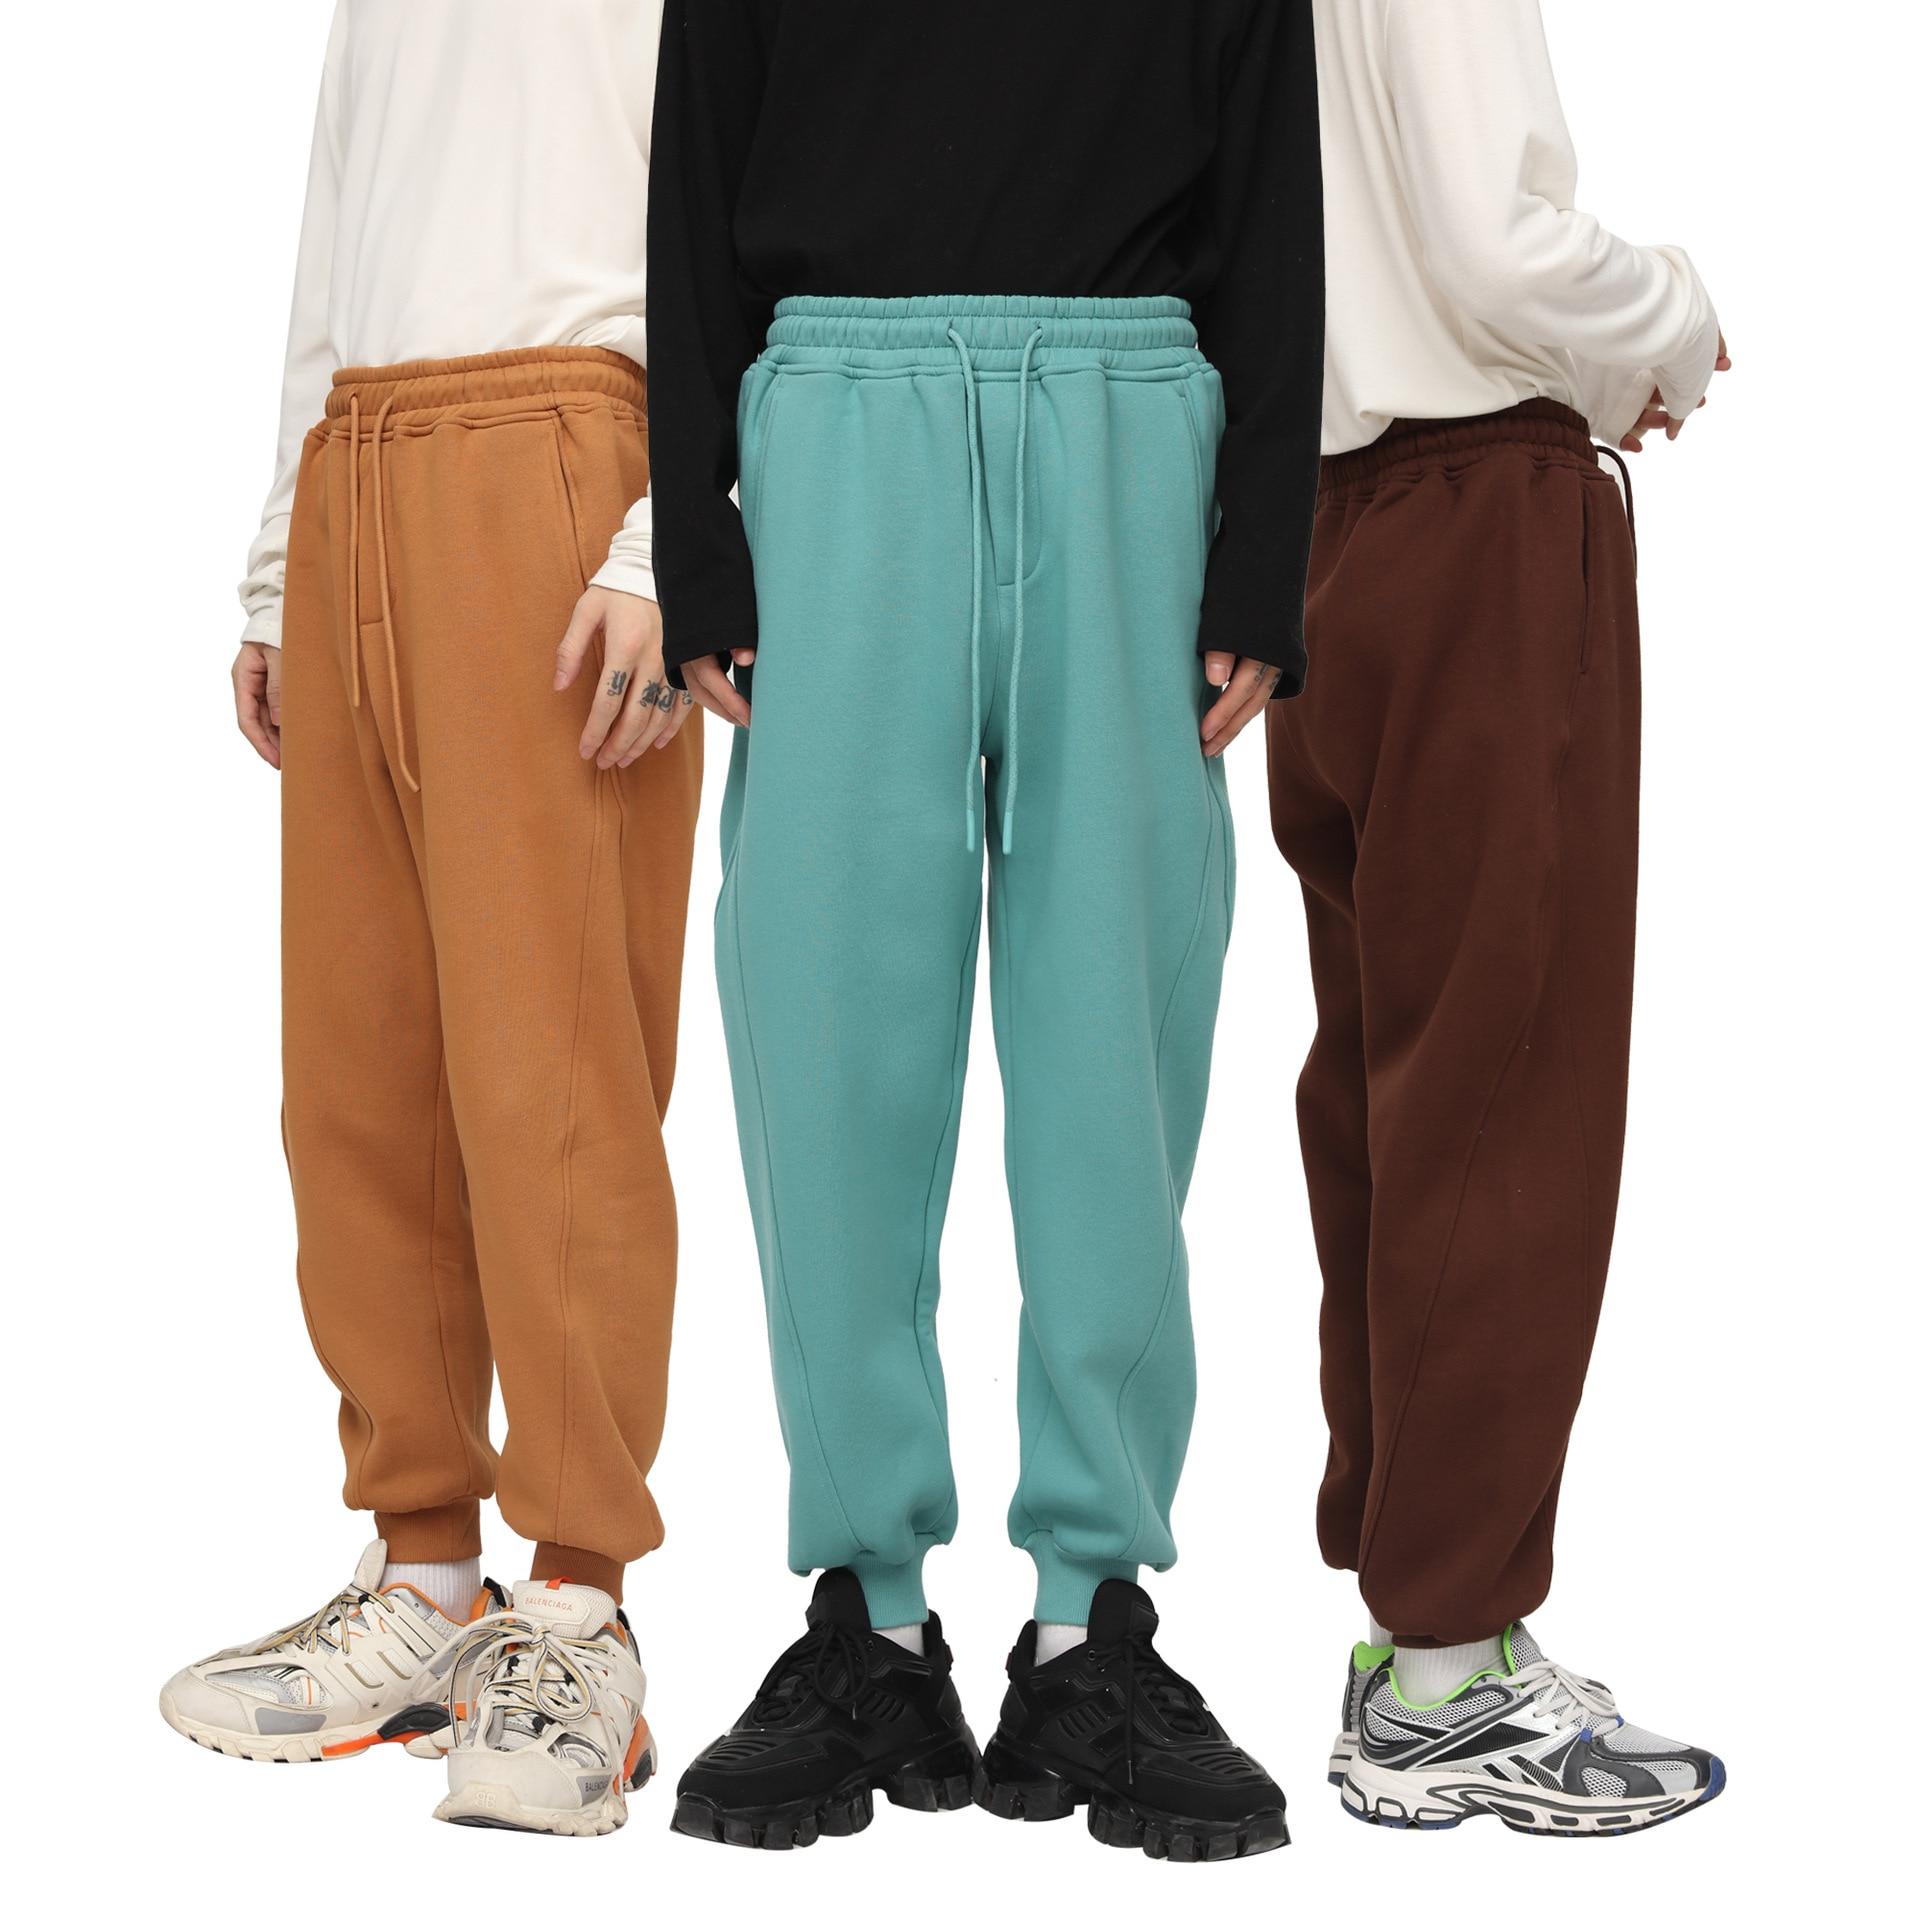 Брюки мужские Зимние флисовые, повседневные спортивные штаны с эластичным поясом, однотонные теплые уличные спортивные брюки для бега, оде...